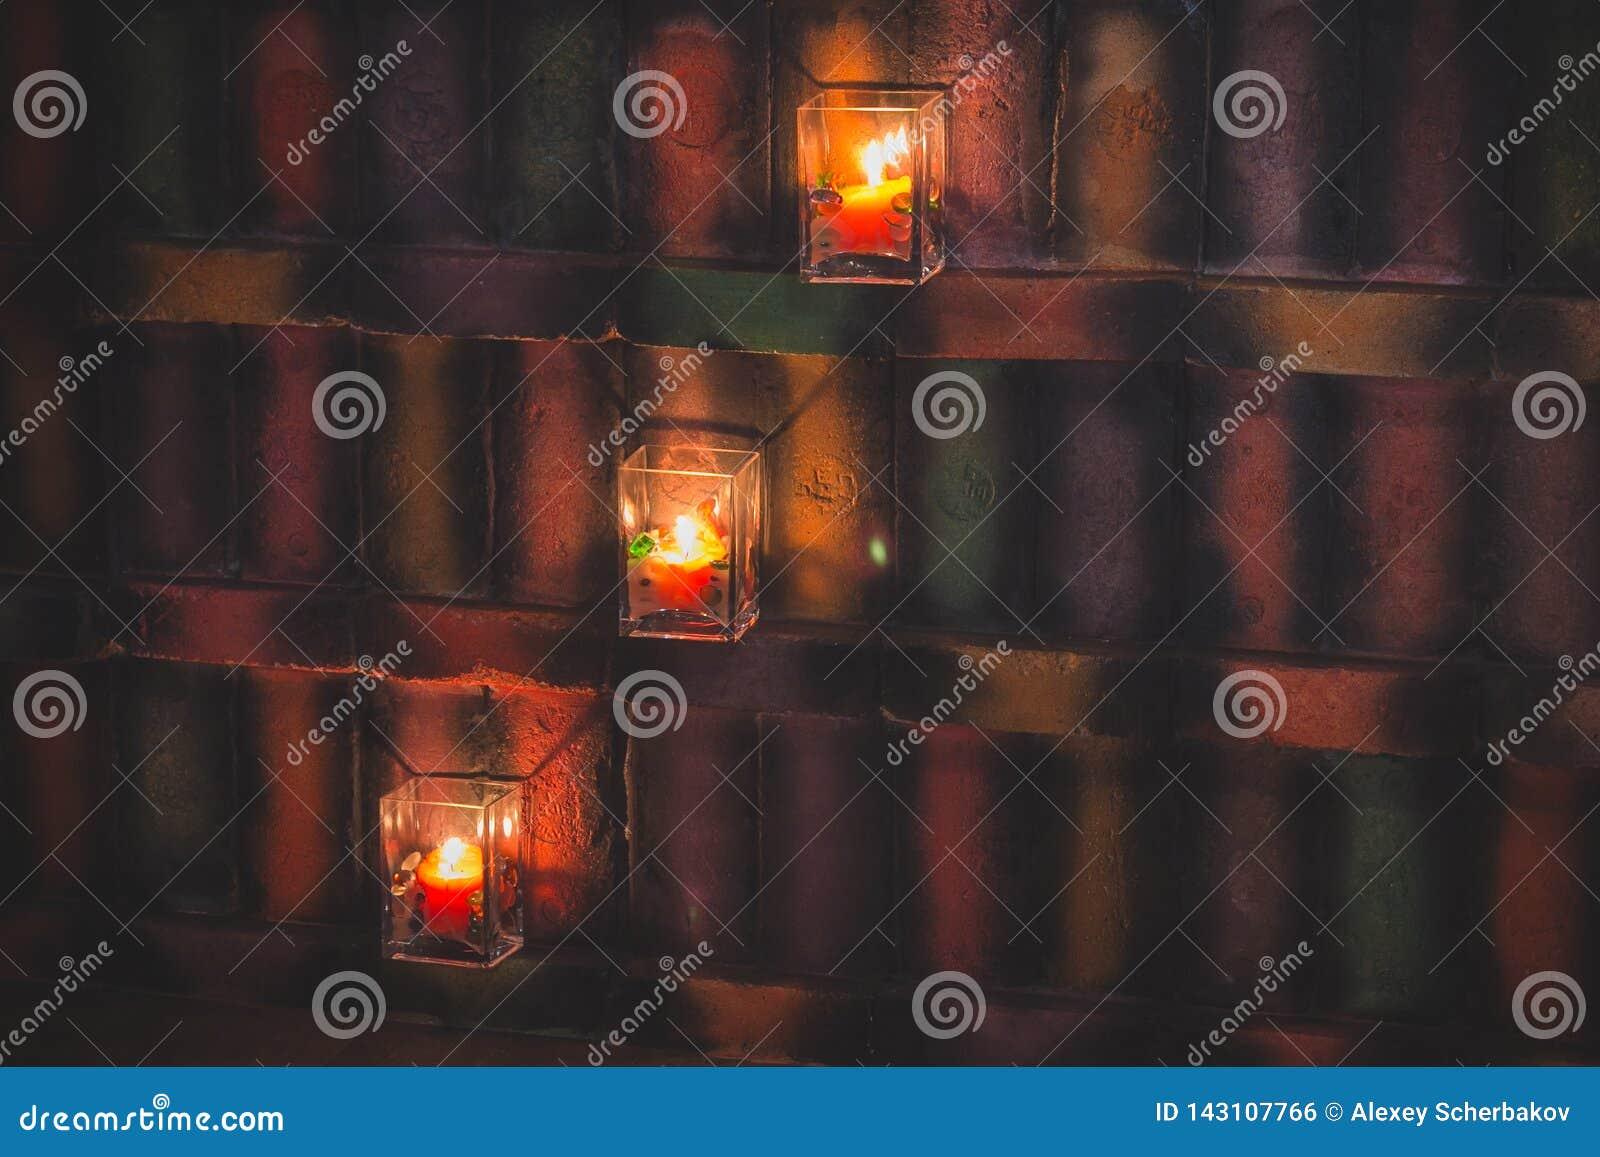 Świeczki w szklanych candlesticks iluminują kolorową ścianę w rocznika stylu